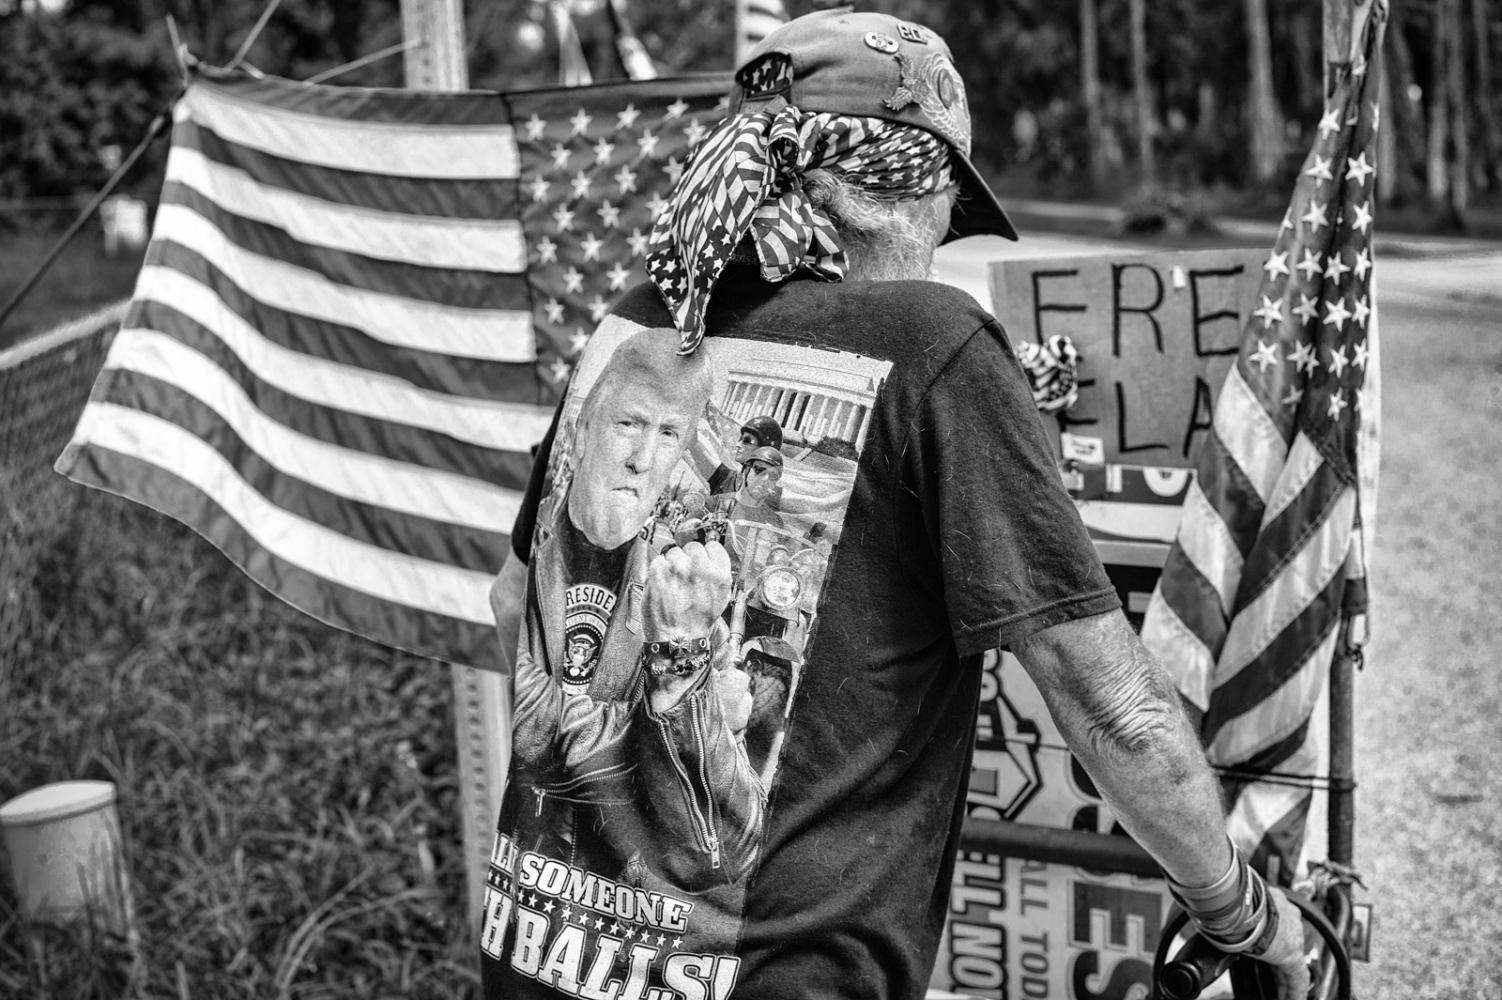 American Flag Sales Vienam Veteran on road side selling American Flags, New Symara, Florida